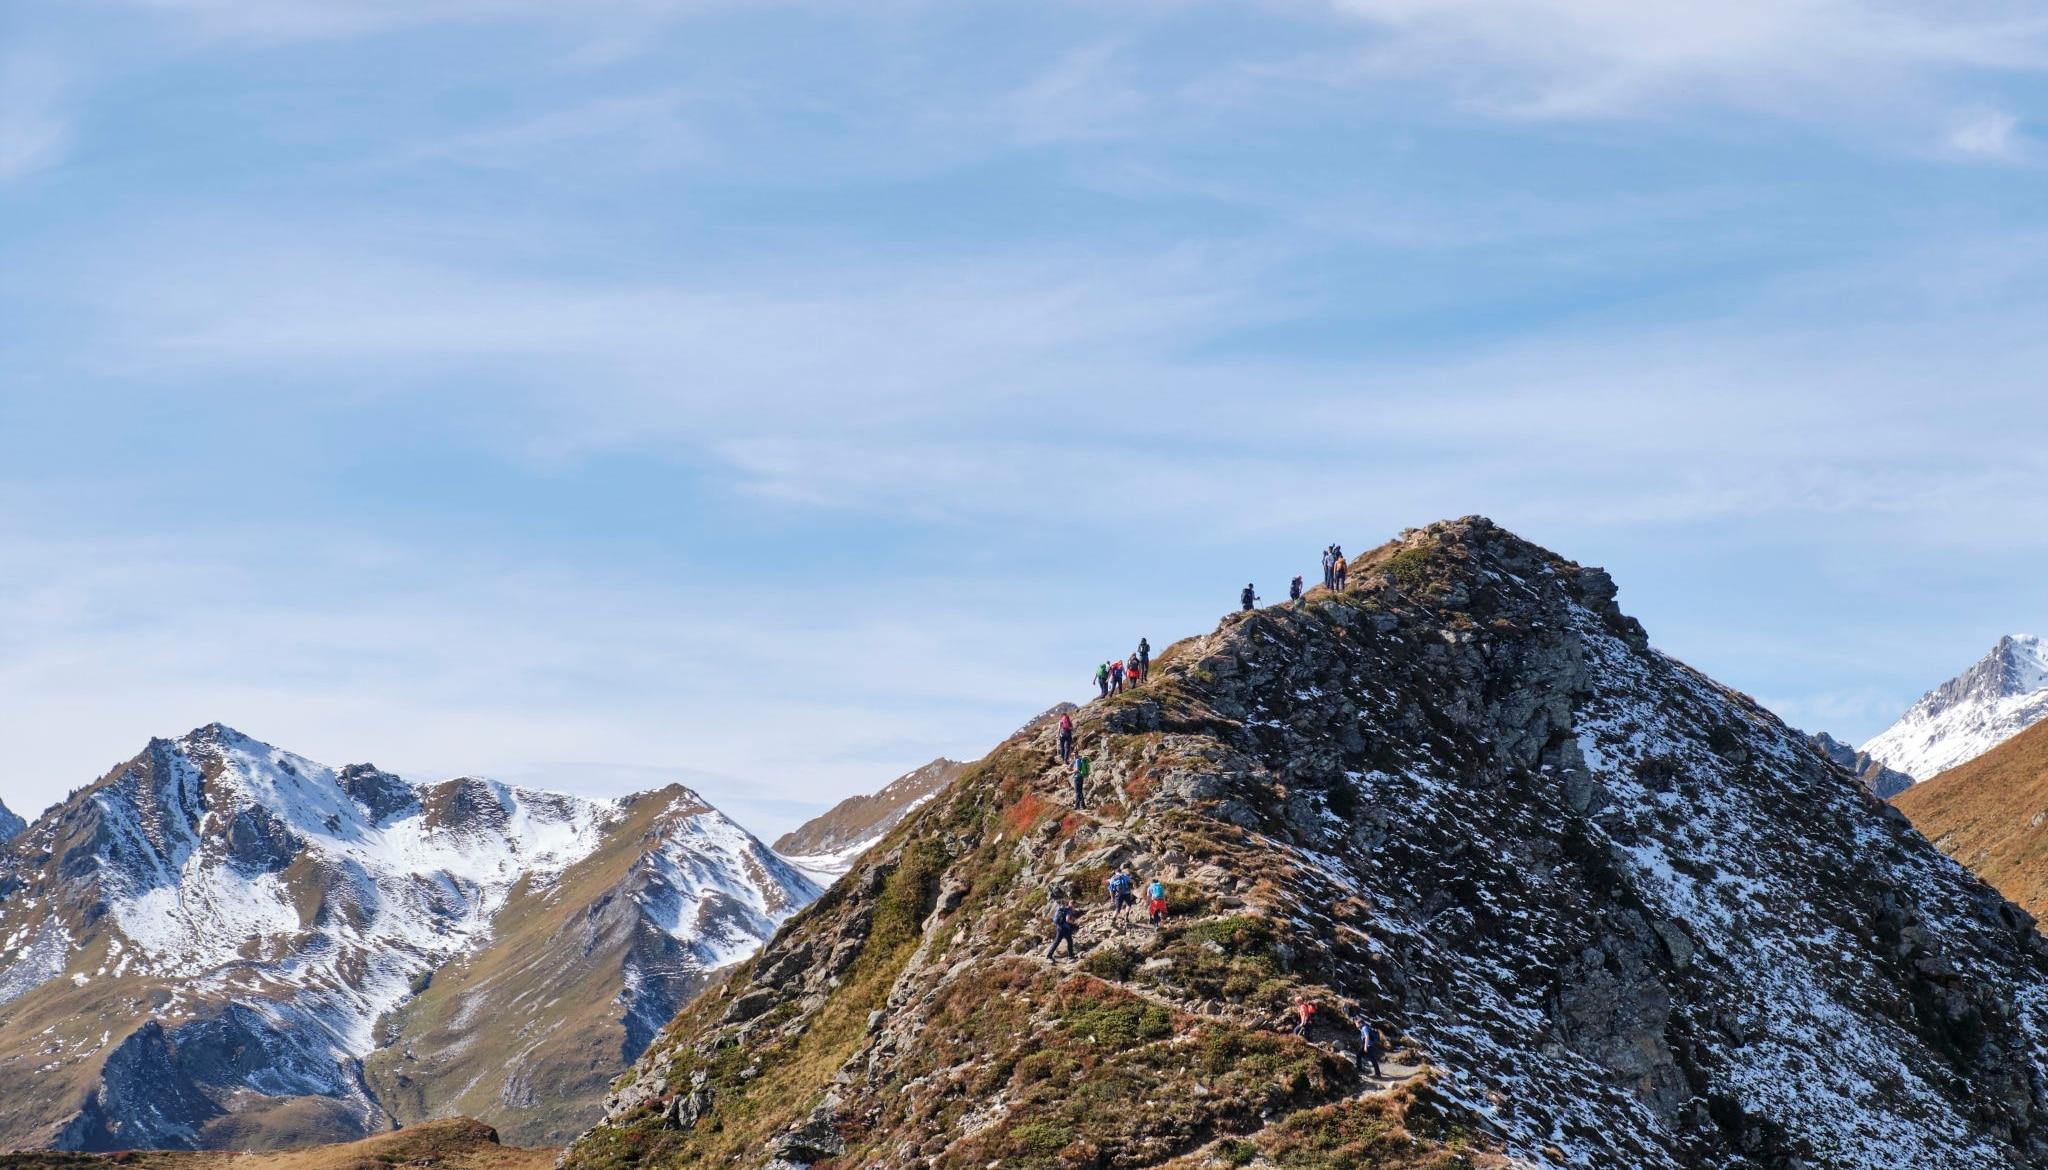 Alpenüberquerung, Wandern, Hiking, Gewinnspiel